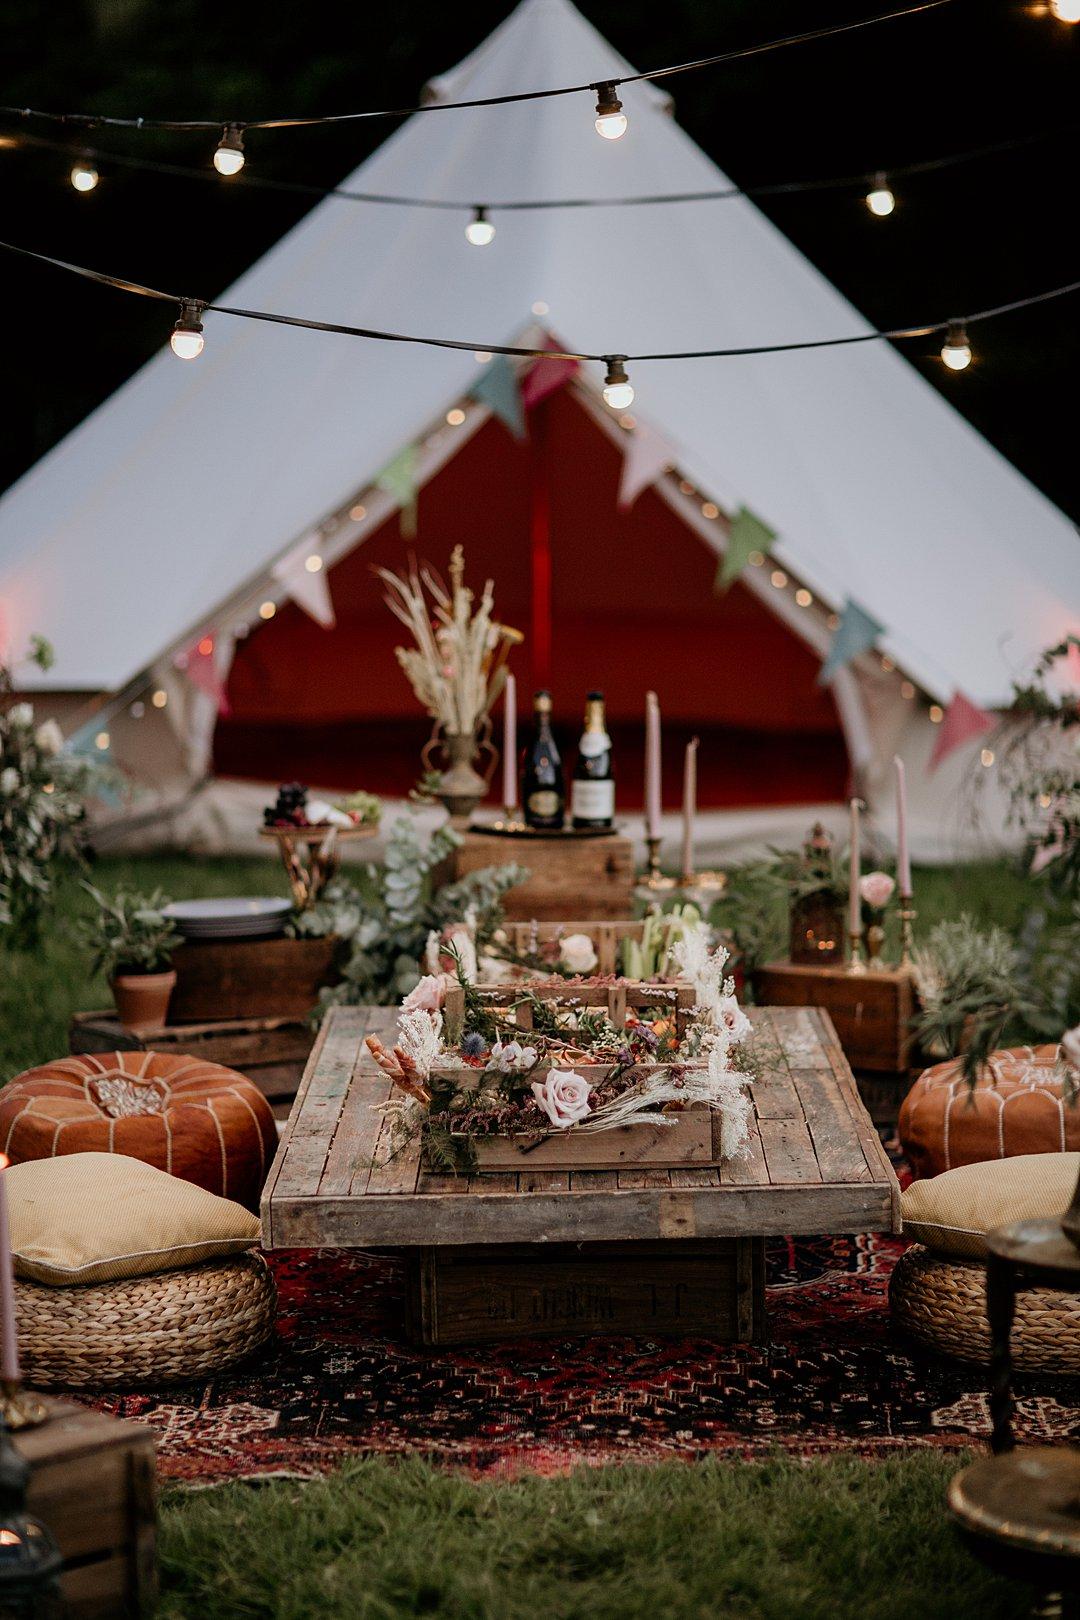 Glamping bruiloft tent met lichtjes